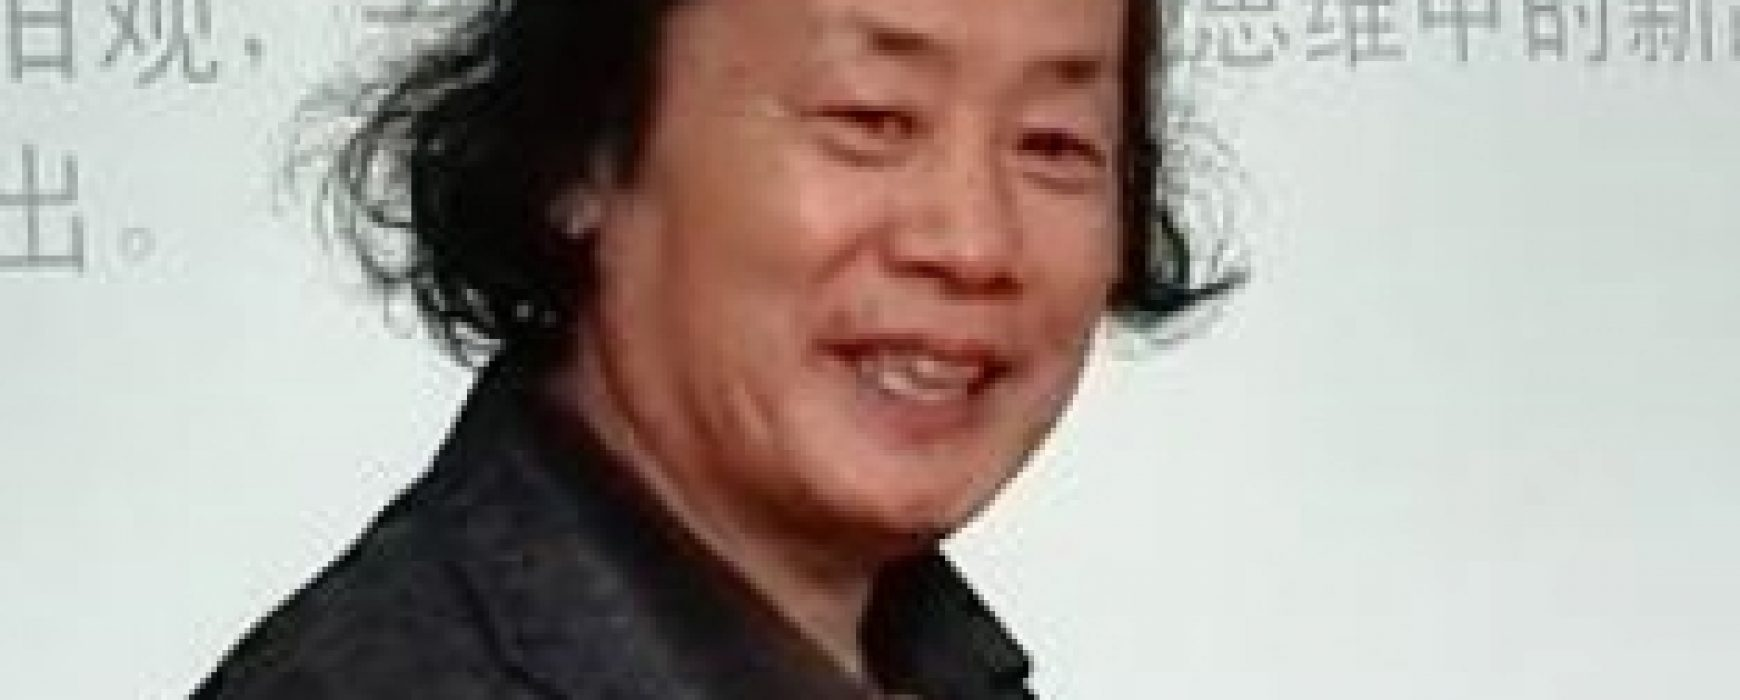 Wang, Yong